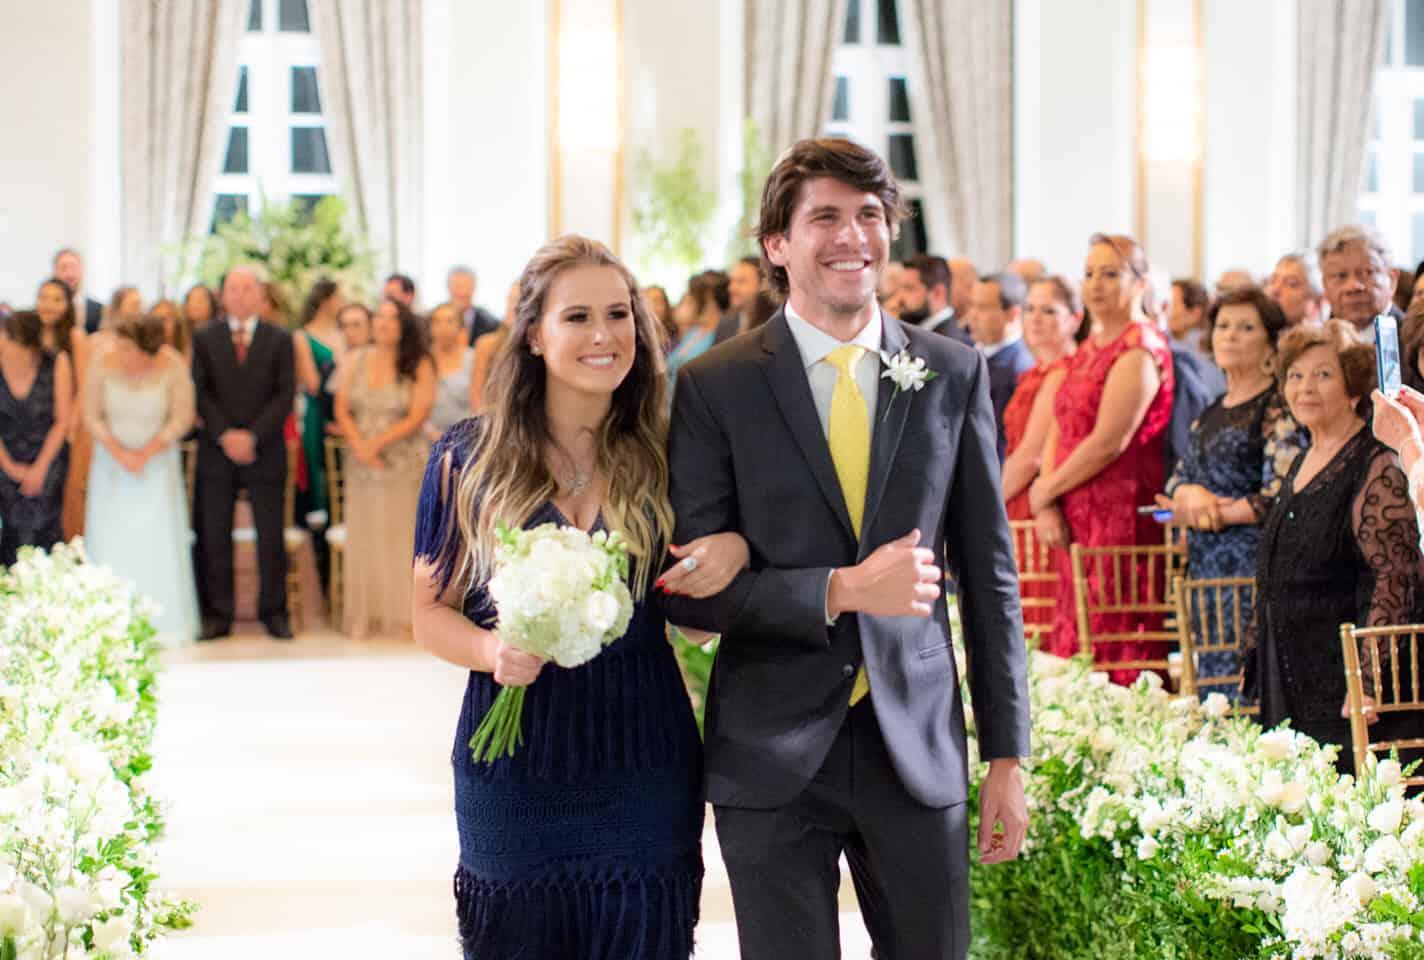 casamento-clássico-casamento-tradicional-casamento-fabiane-e-gustavo-copacabana-palace-rio-de-janeiro-Fotografa-Rodrigo-Sack-23